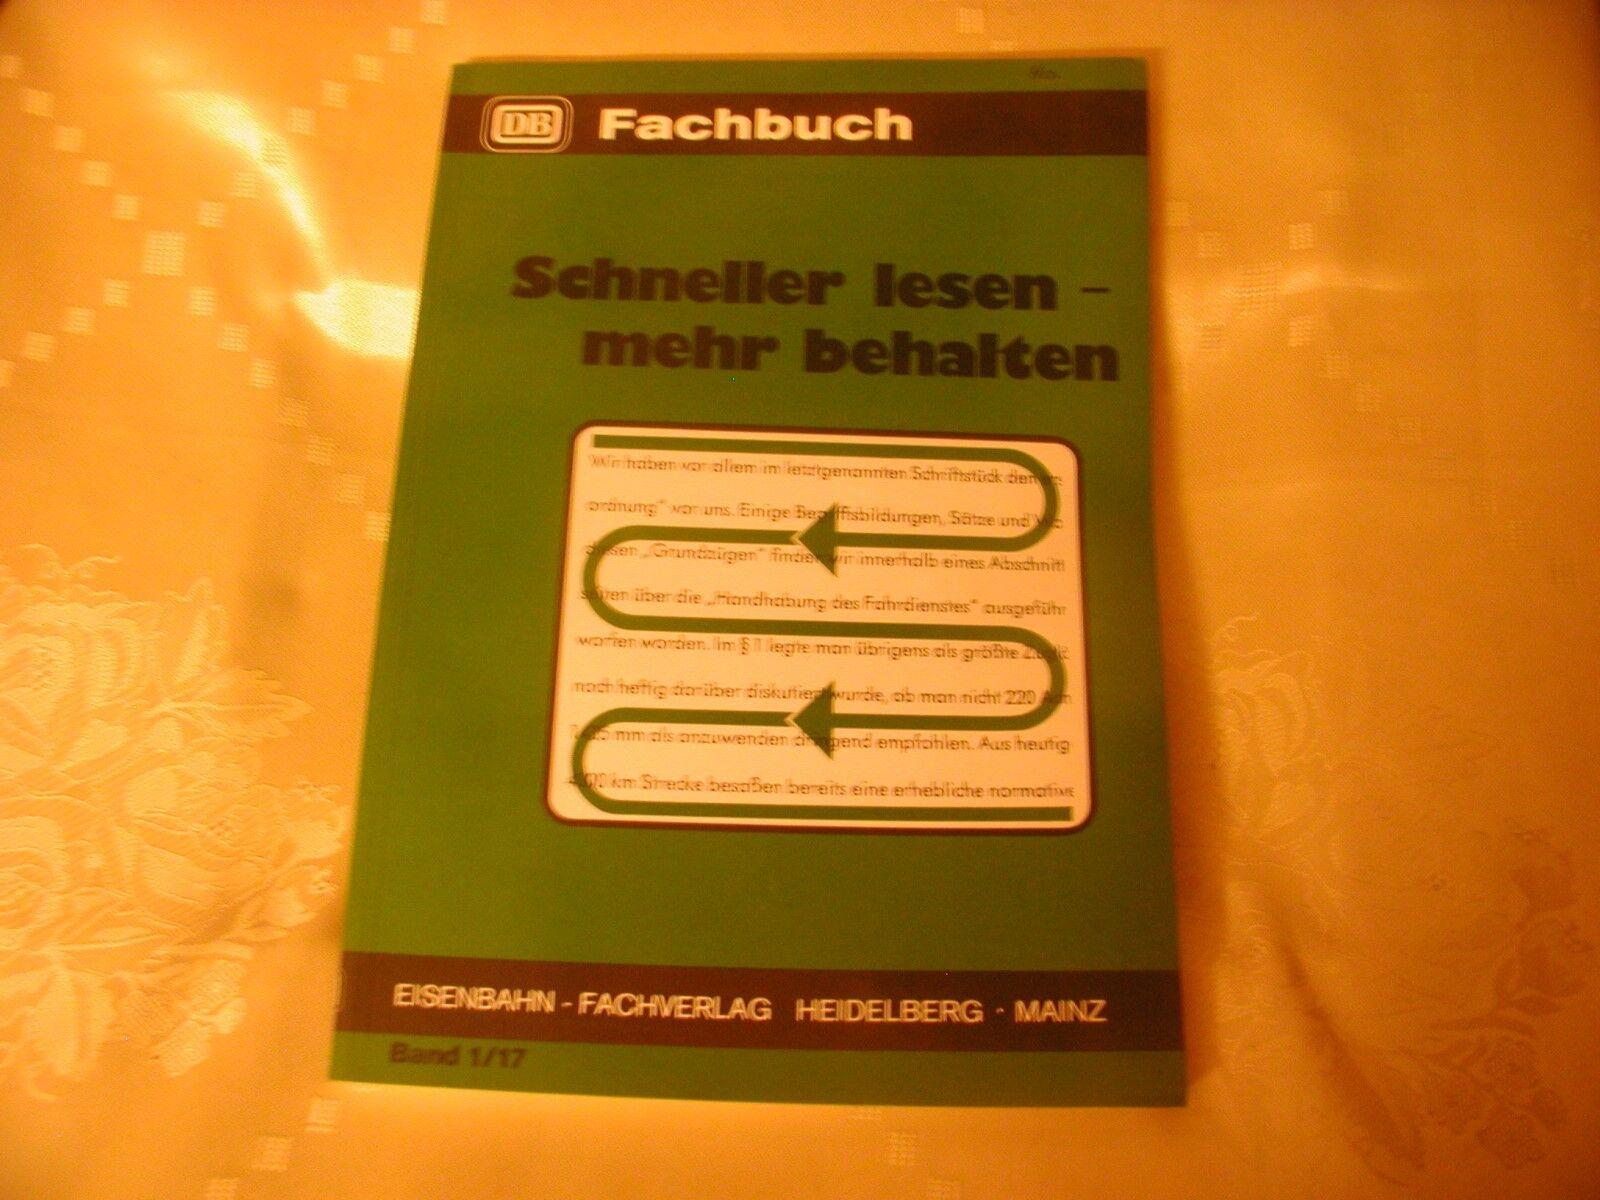 DB Fachbuch Band 1/17 Schneller lesen - mehr behalten